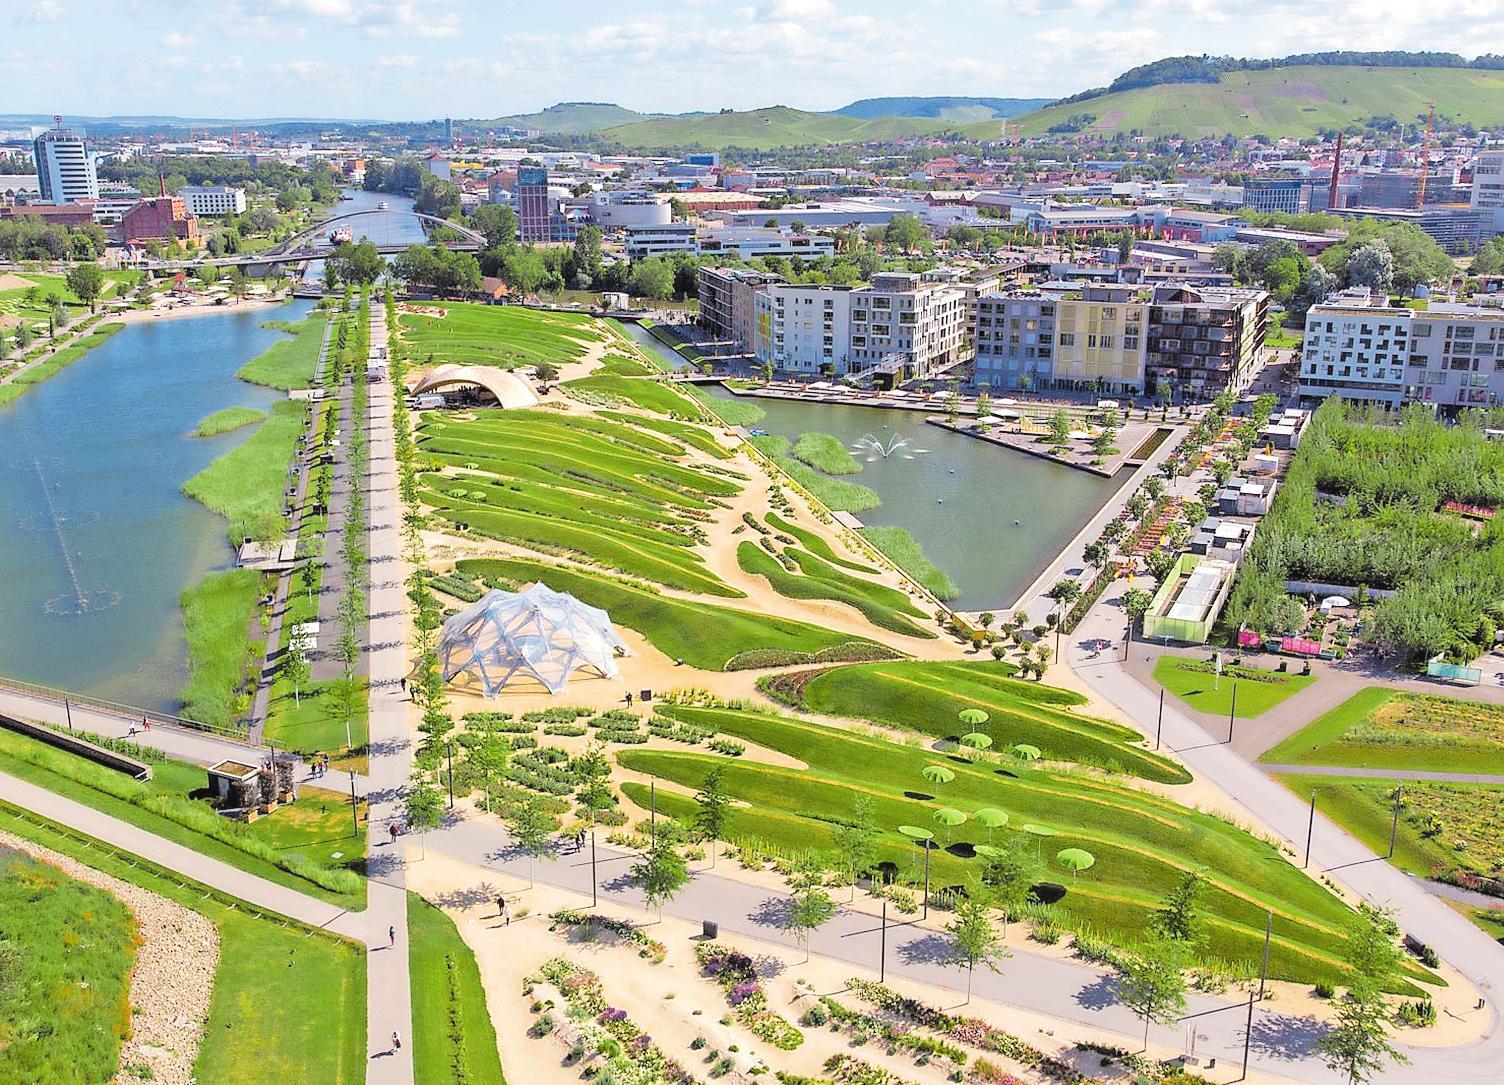 Eingebettet in grüne Infrastruktur steht die dichte Bebauung im Heilbronner Neckarbogenfür den Städtebau der Zukunft. FOTO: Buga